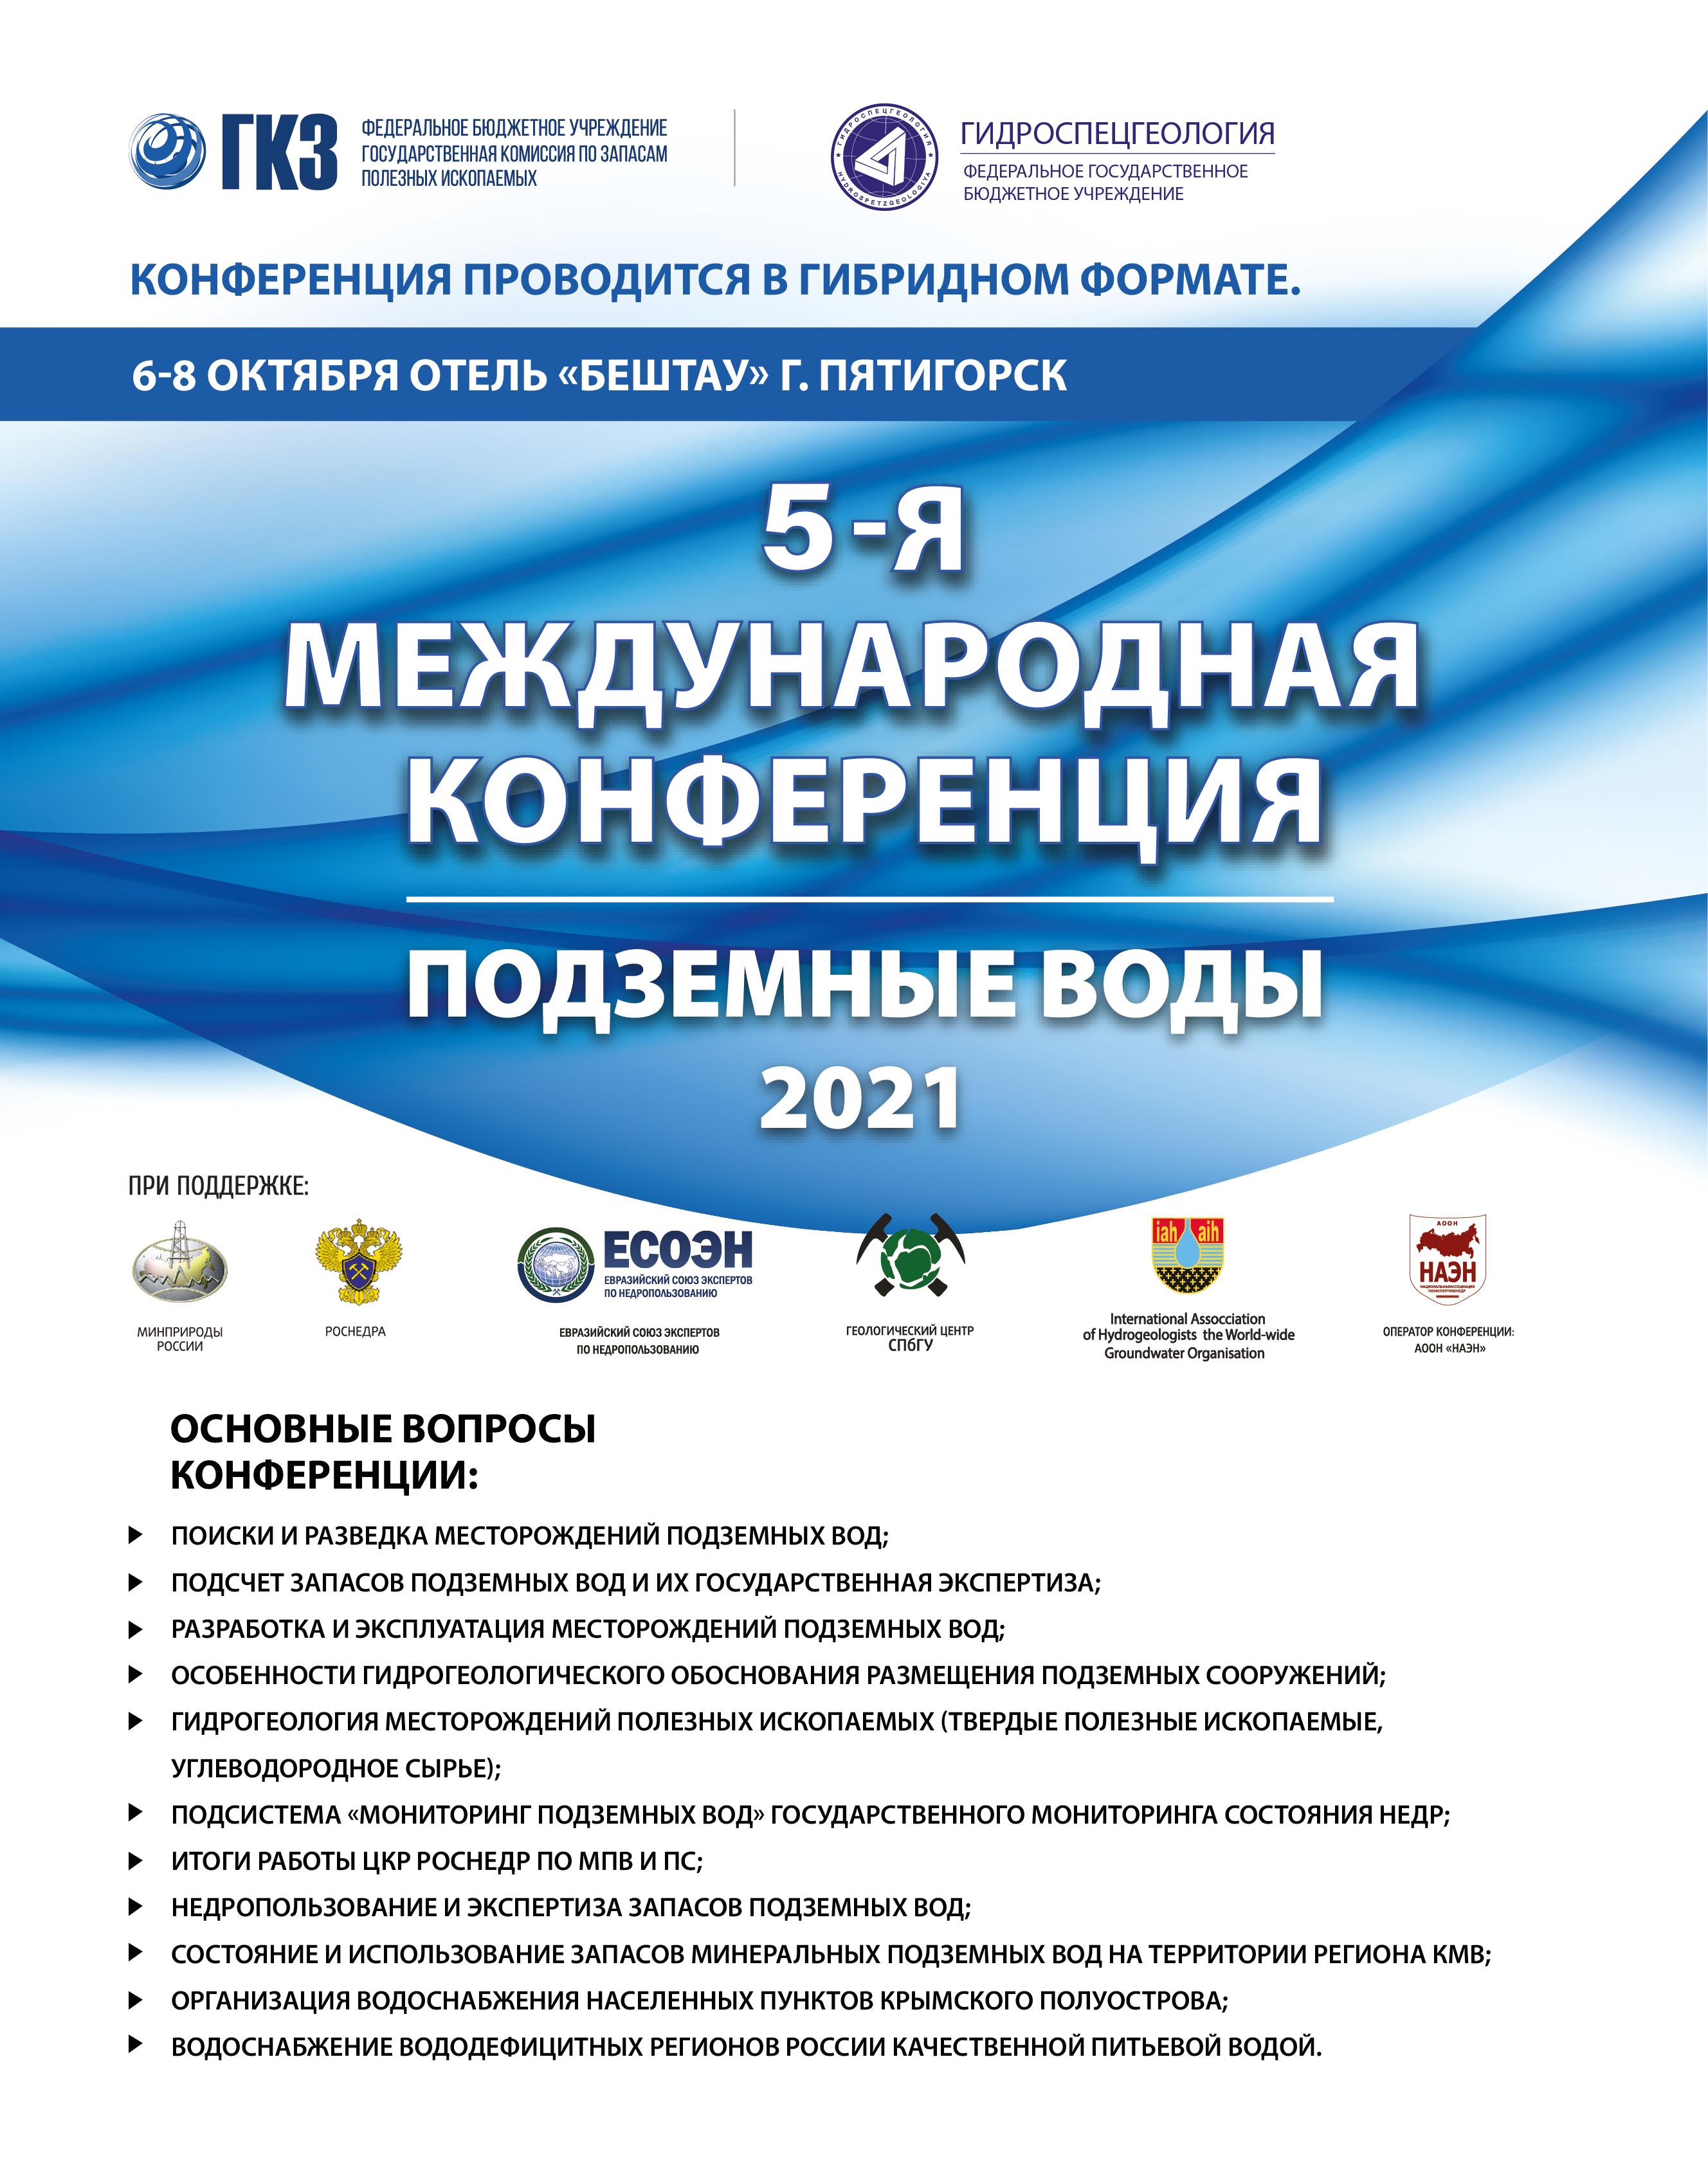 Приглашаем недропользователей, специалистов проектных организаций, инжиниринговых, консалтинговых компаний принять участие в пятой международной конференции «Подземные воды – 2021»